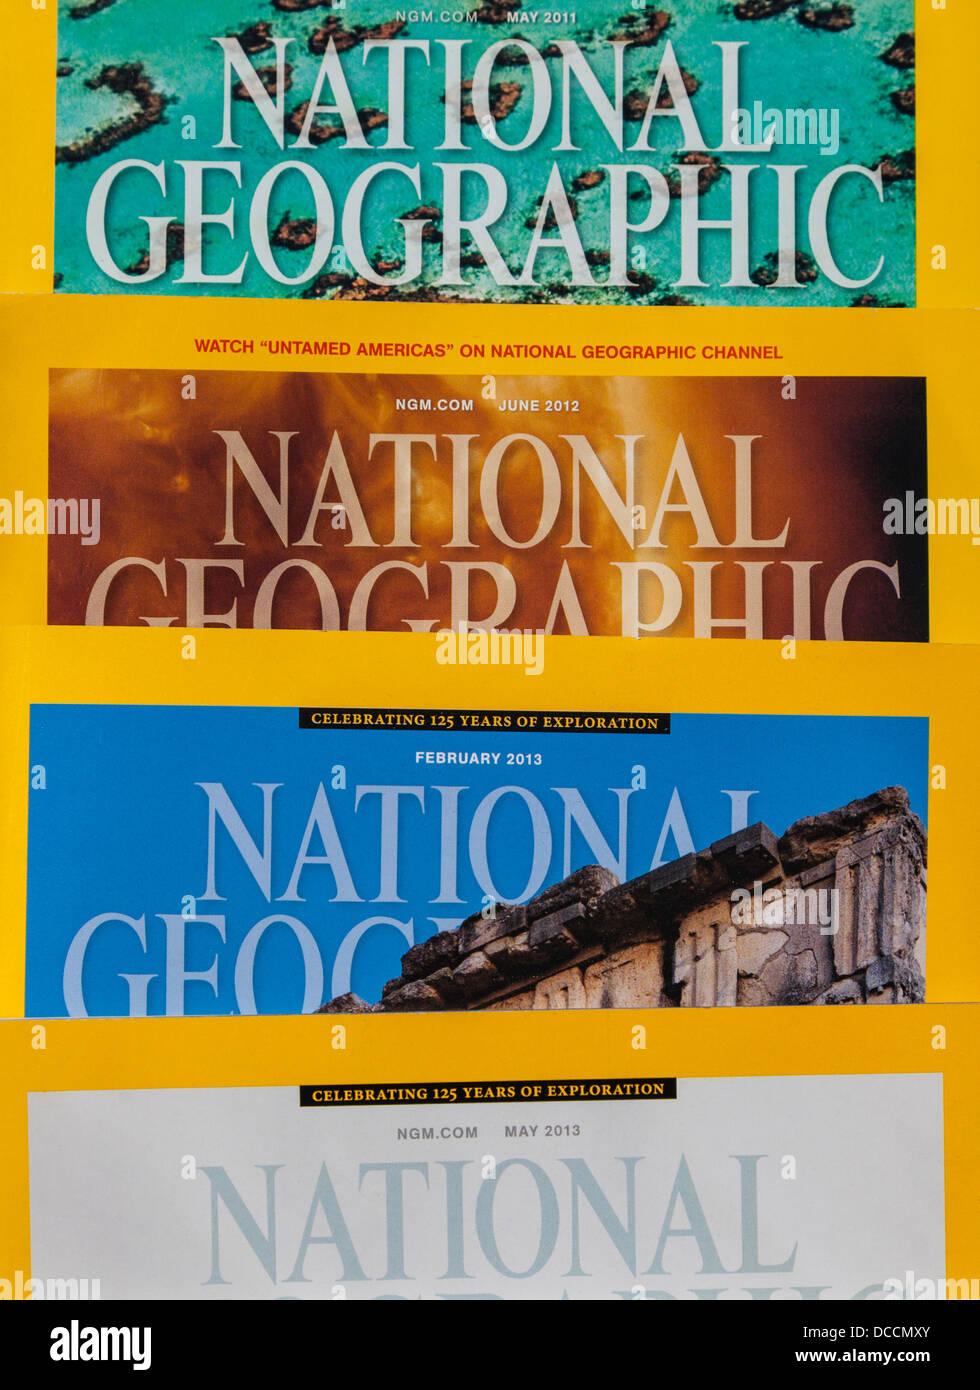 National Geographic magazines - Stock Image